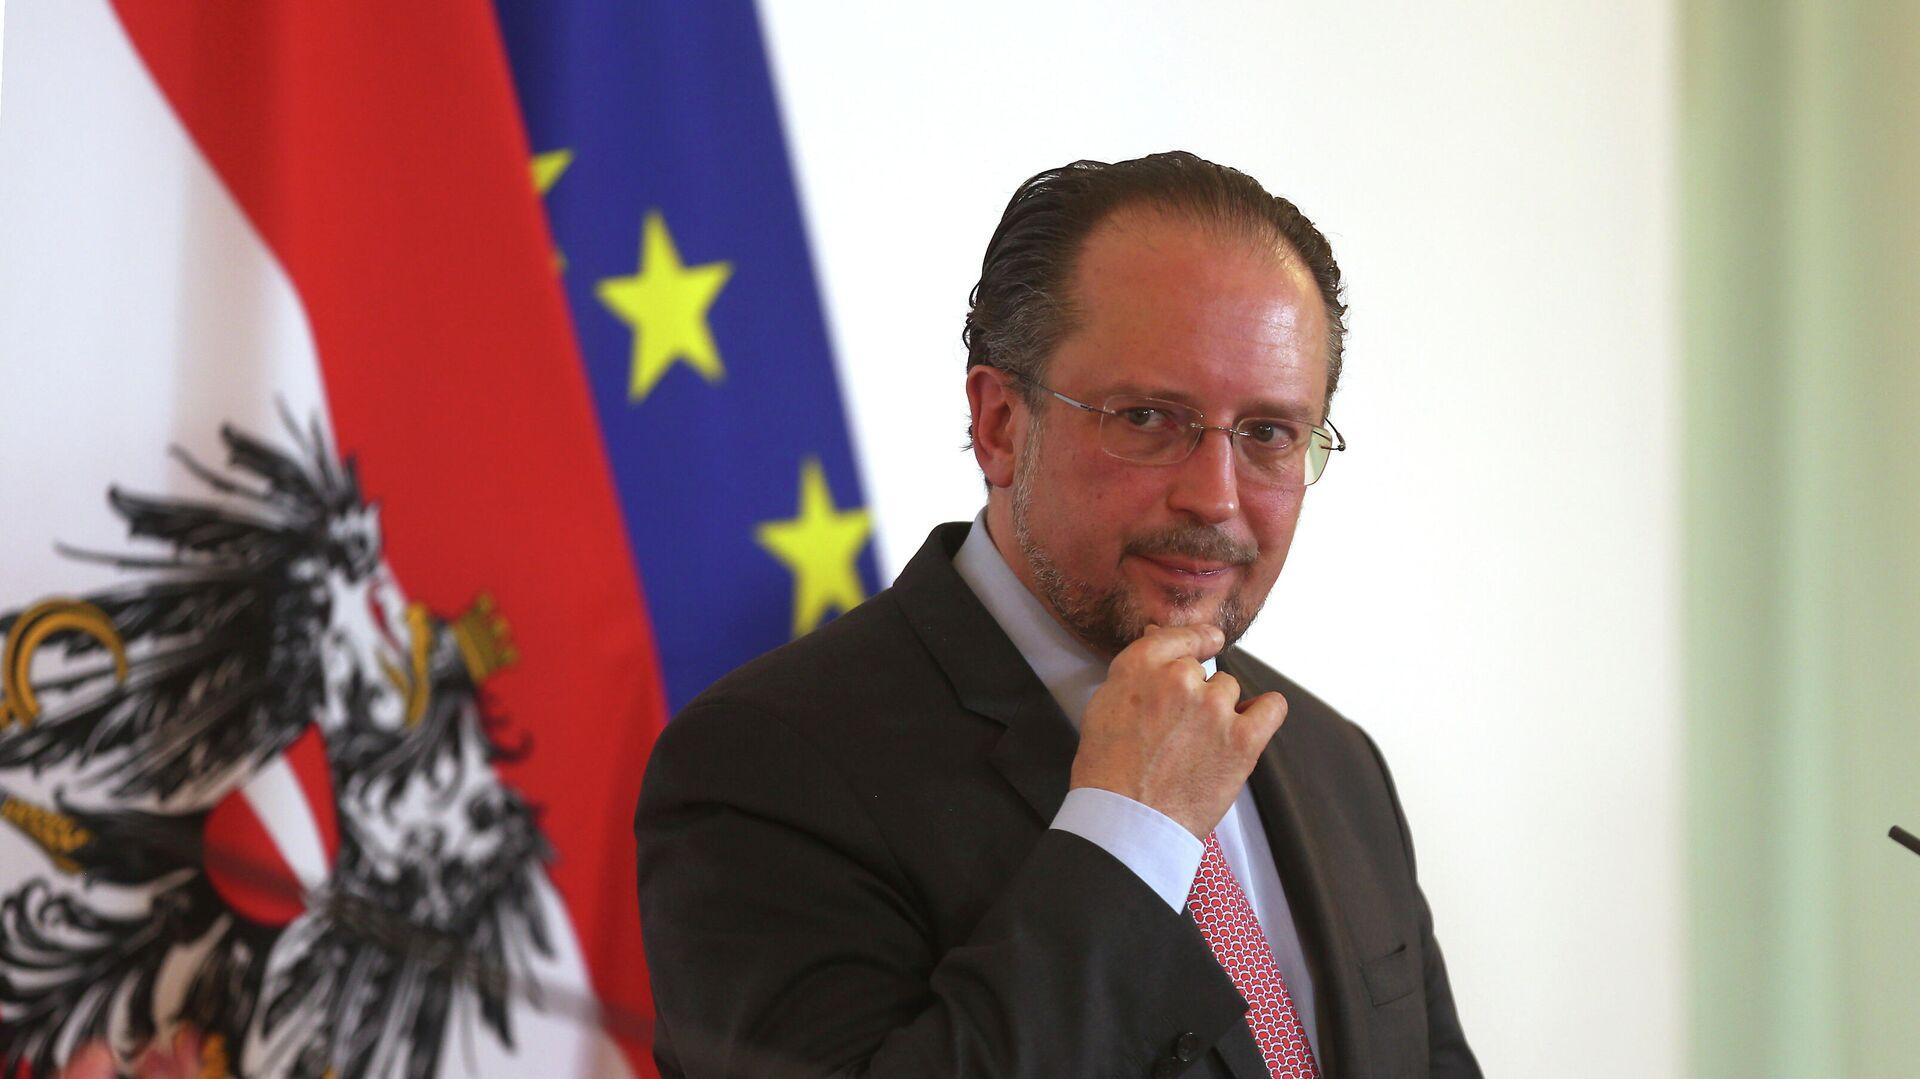 Österreichs Außenminister Alexander Schallenberg (Archiv) - SNA, 1920, 10.10.2021